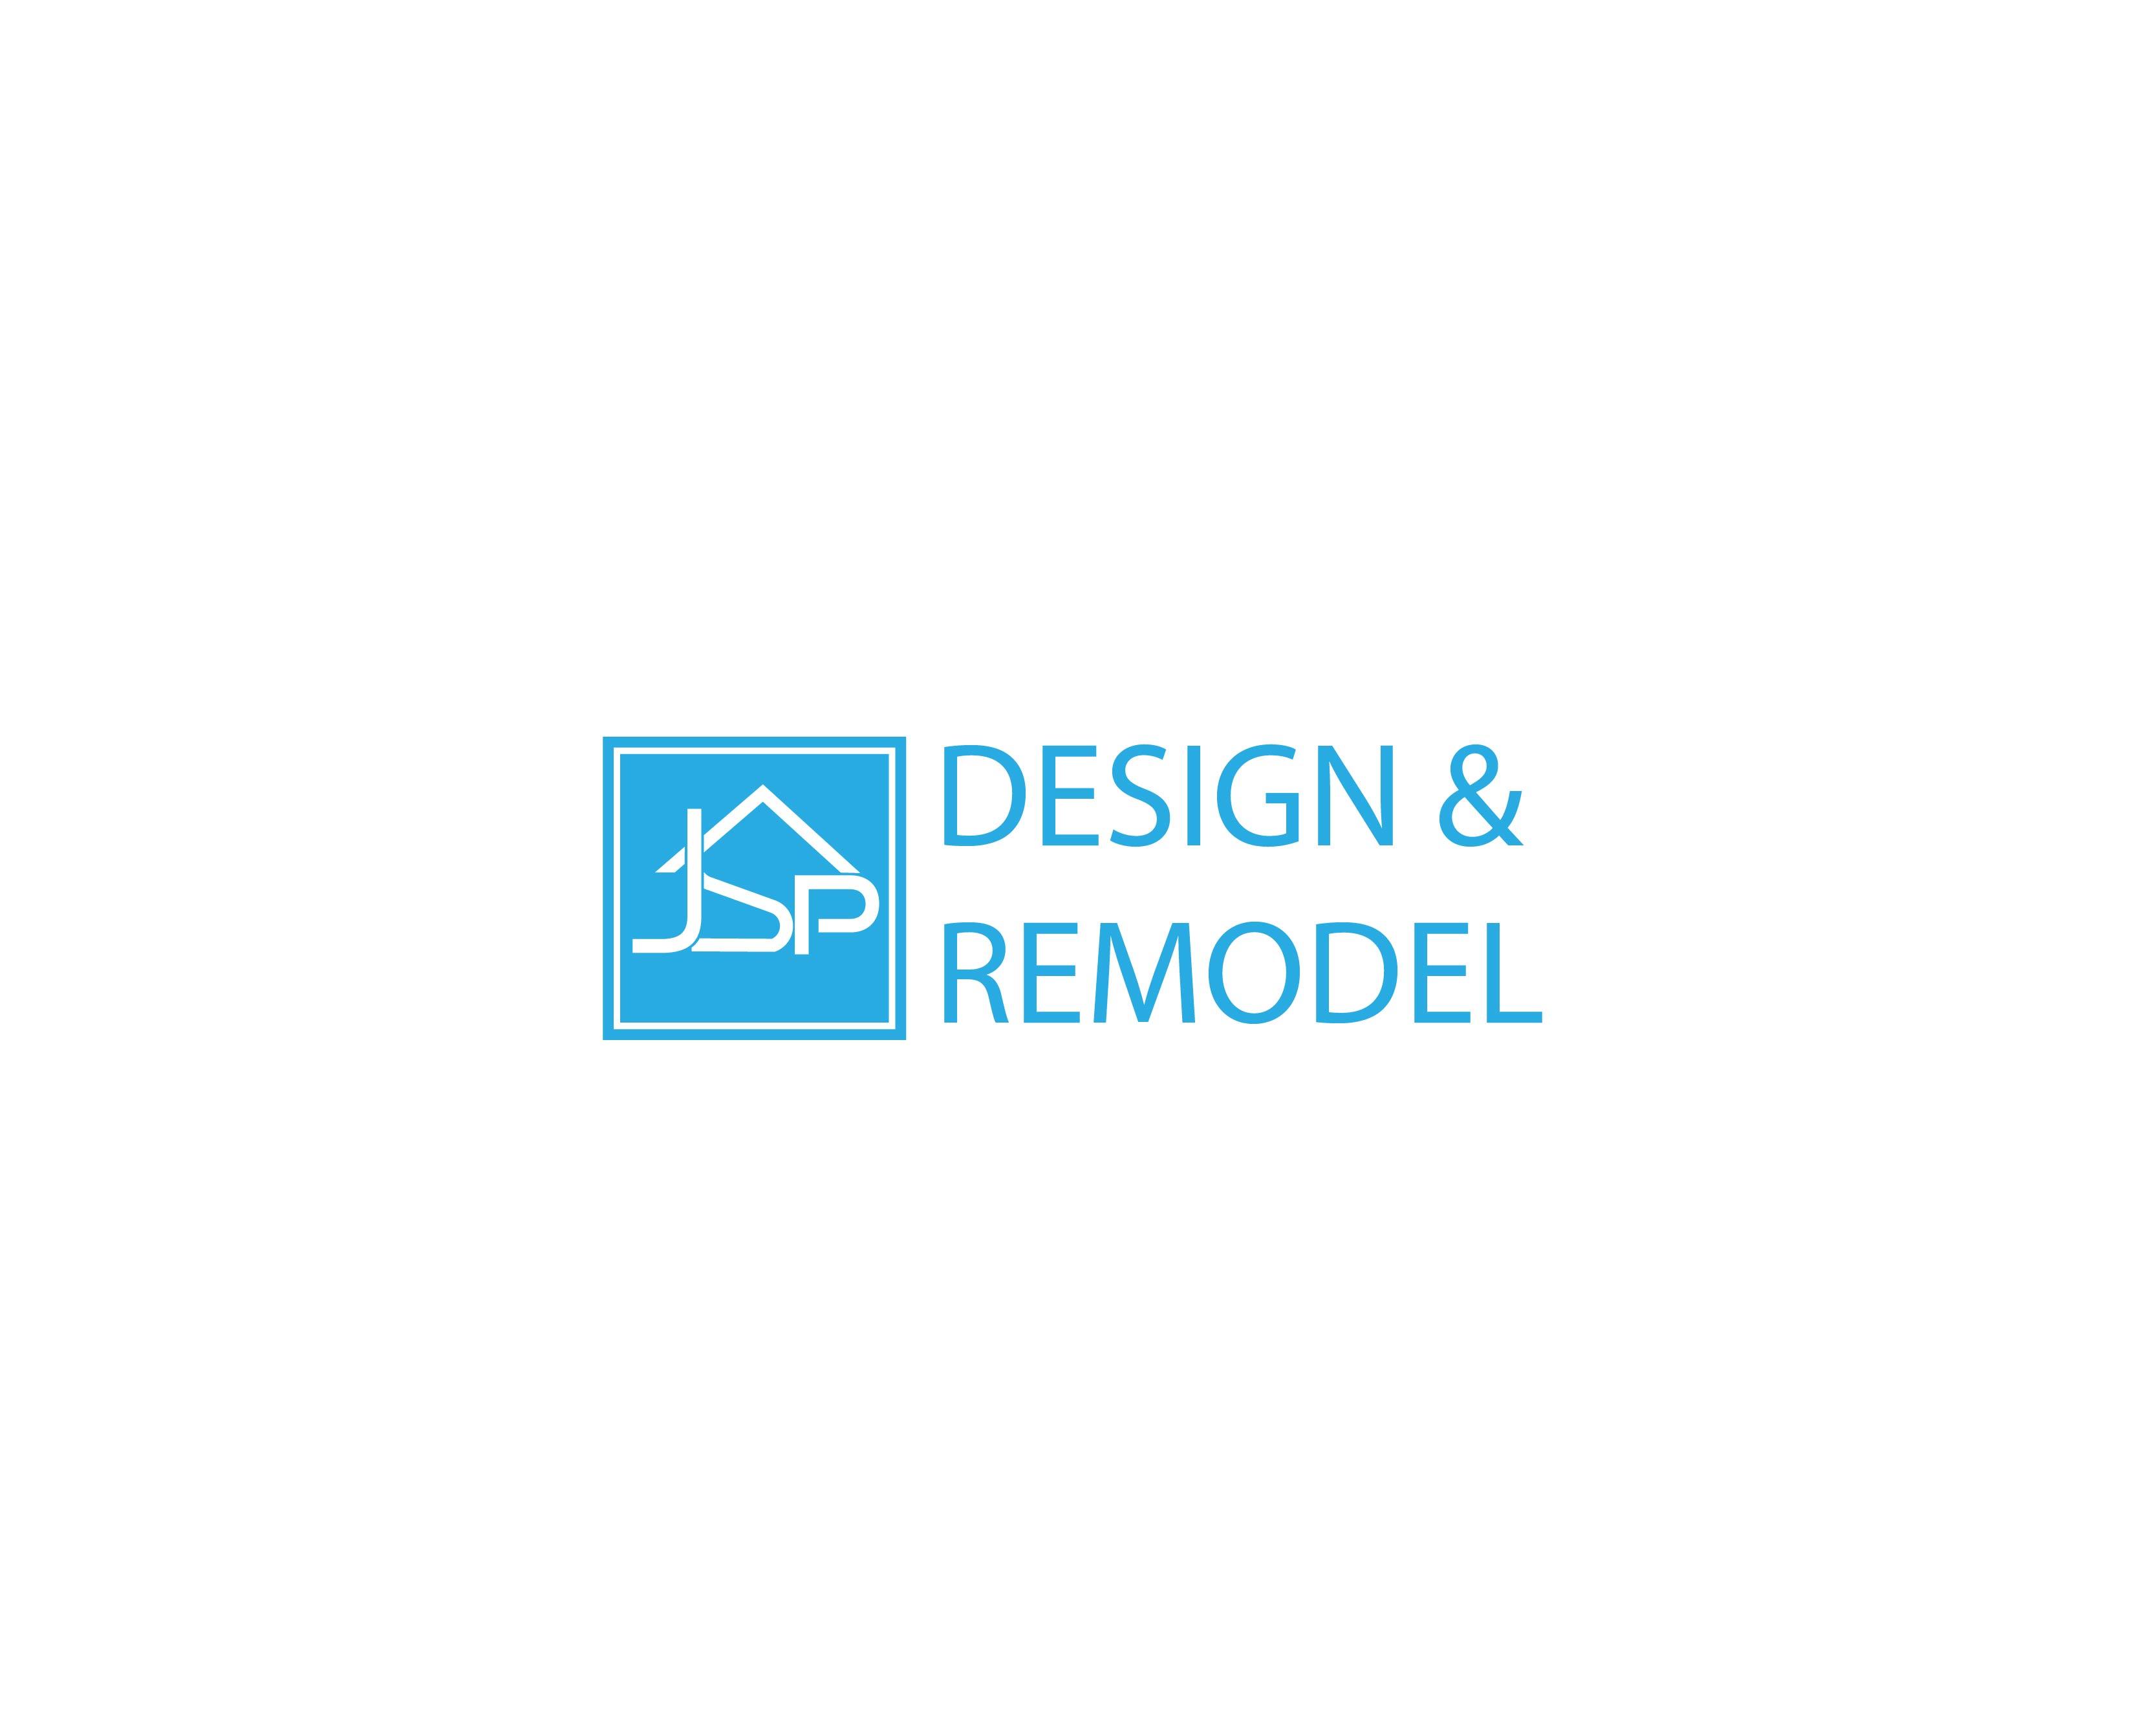 Logo Design Contest For Jsp Design Amp Remodel